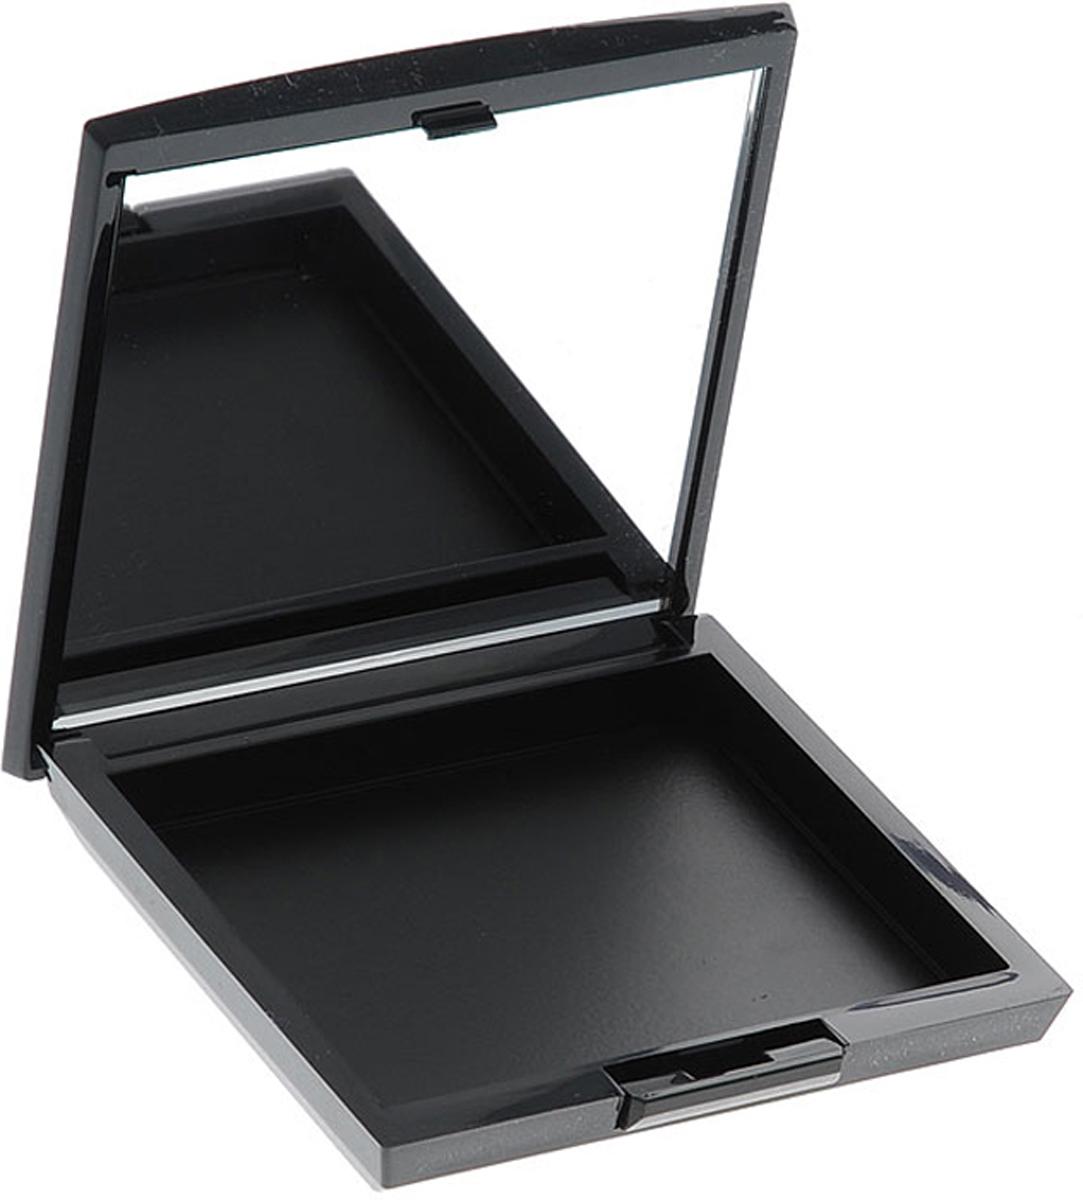 Artdeco Футляр для теней и румян Beauty Box Quadrat. 5130 artdeco футляр для теней beauty box duo 5160